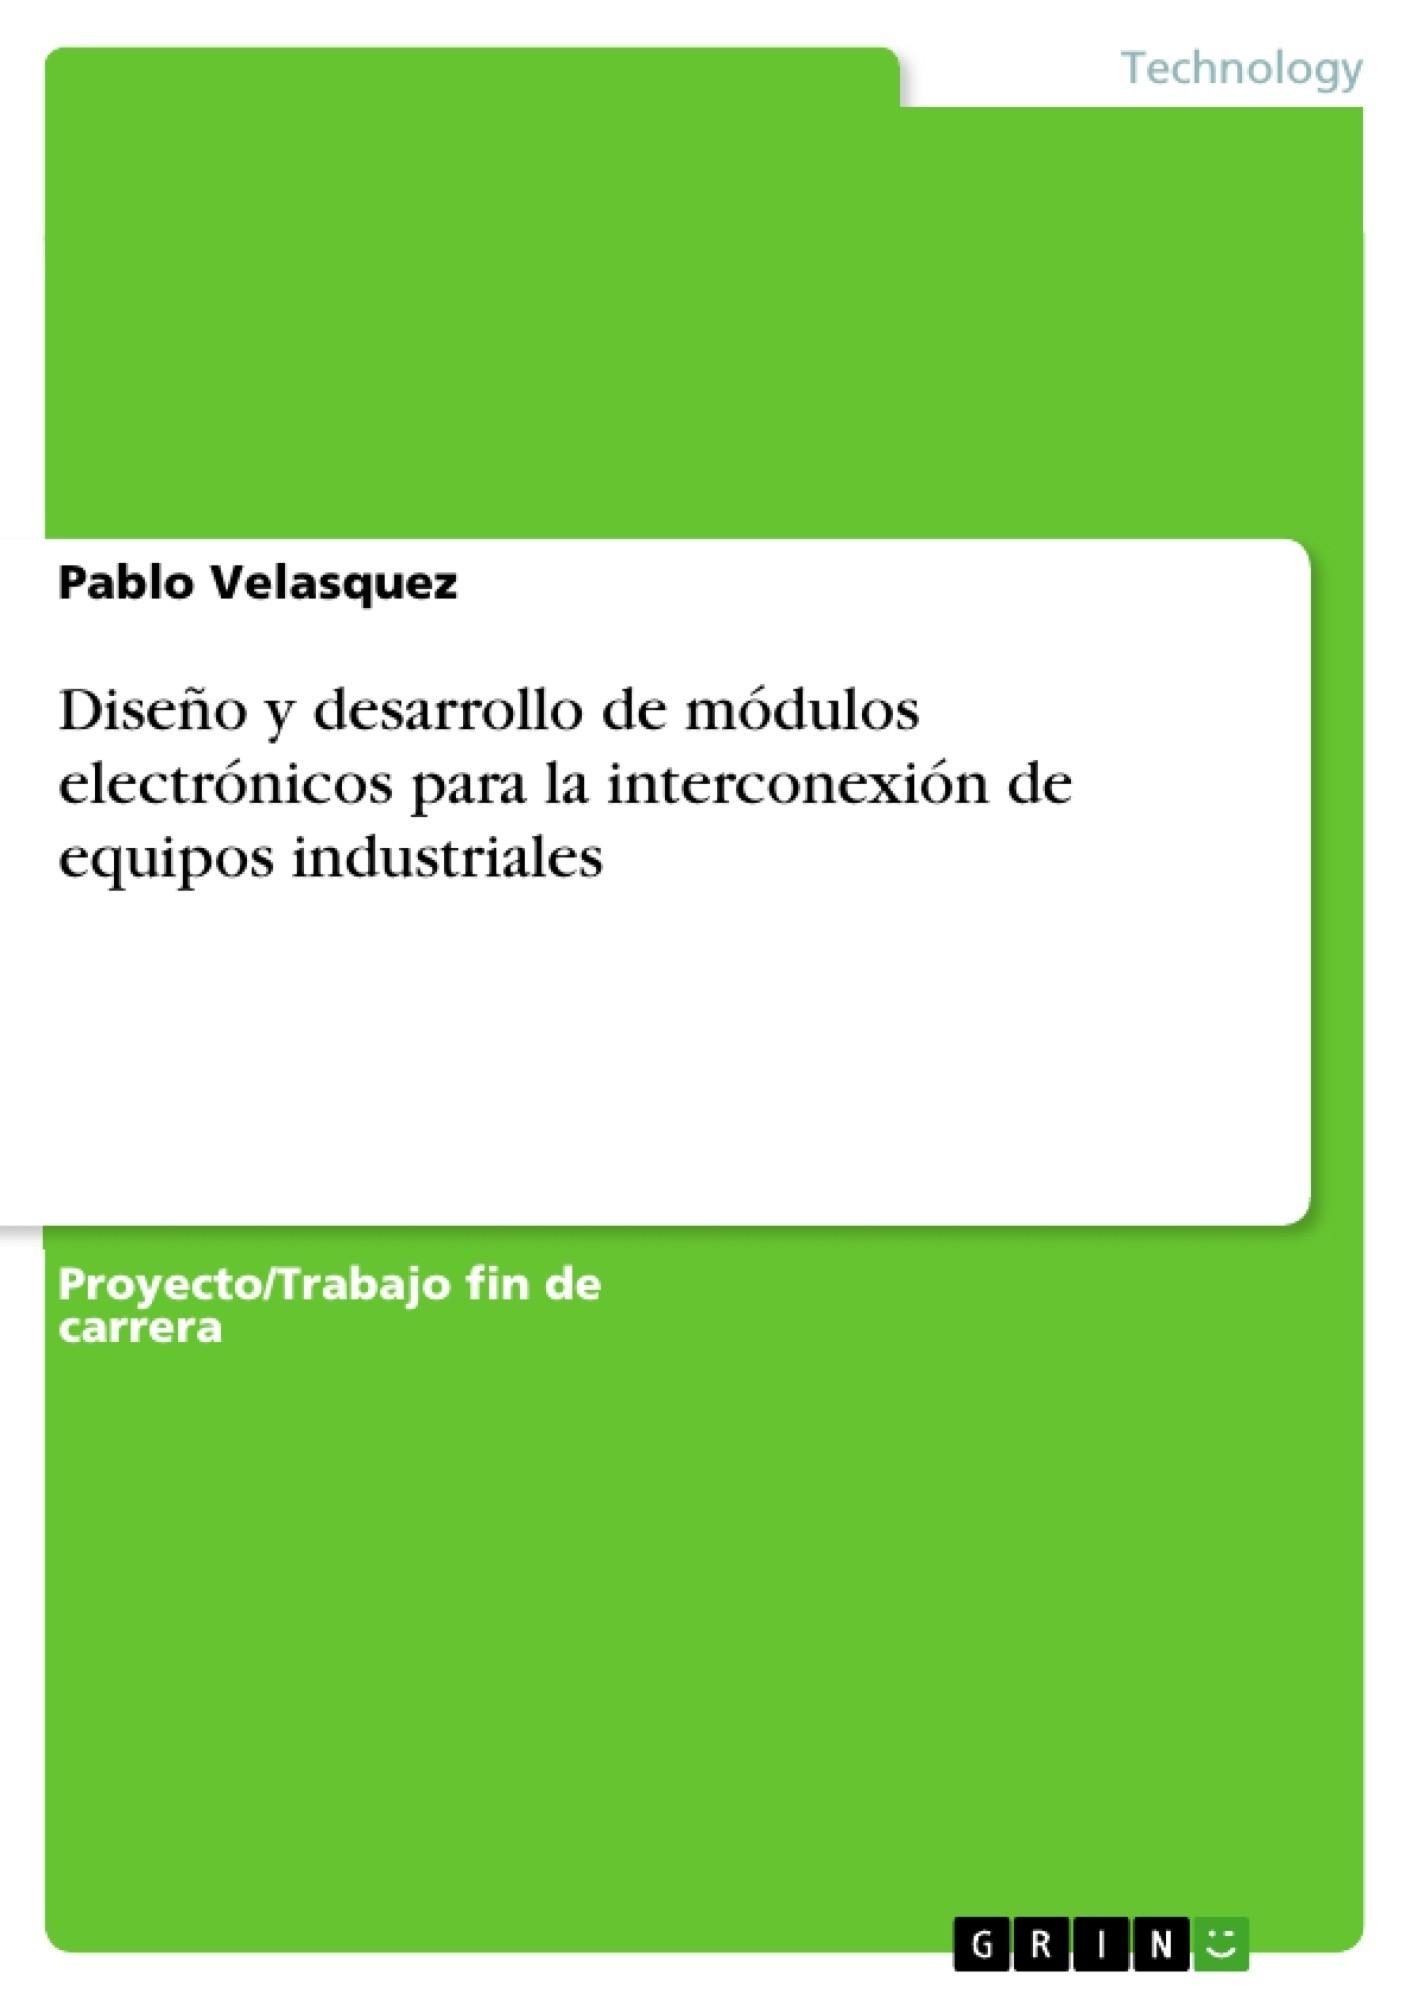 Dise±o y desarrollo de m³dulos electr³nicos para la interconexi³n